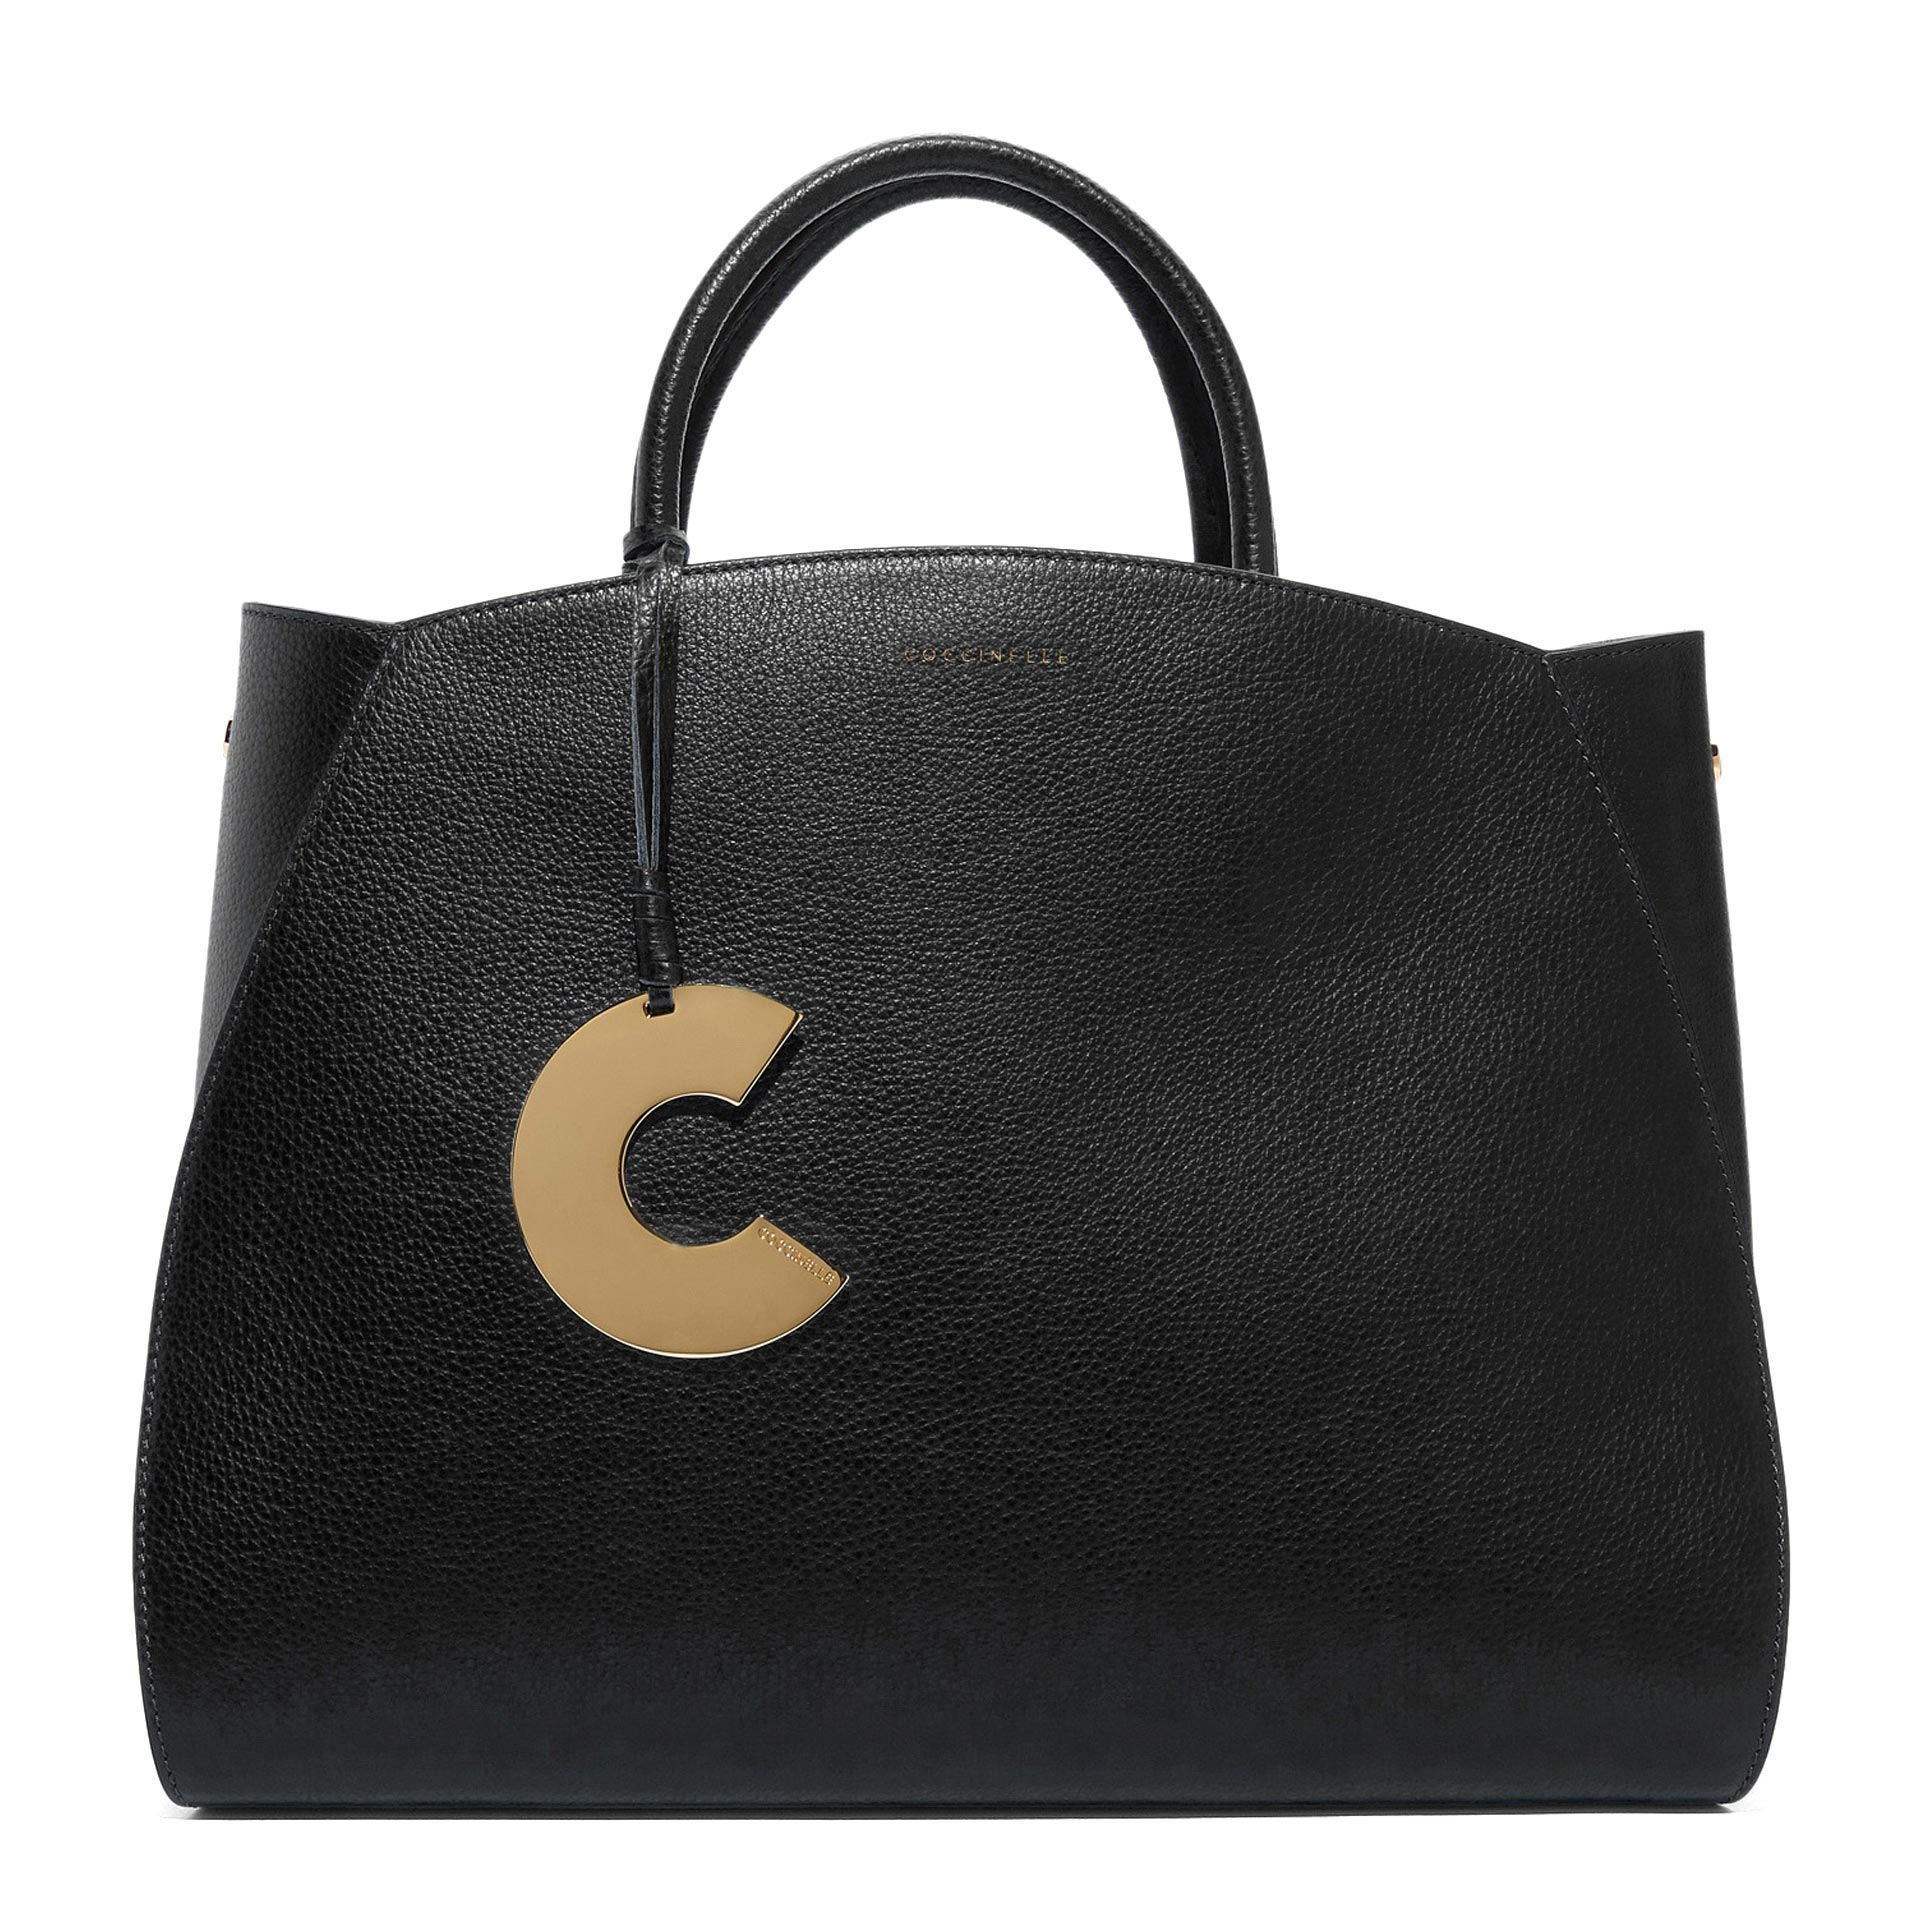 Coccinelle Concrete Maxi Handtasche aus natürlich genarbtem Leder noir